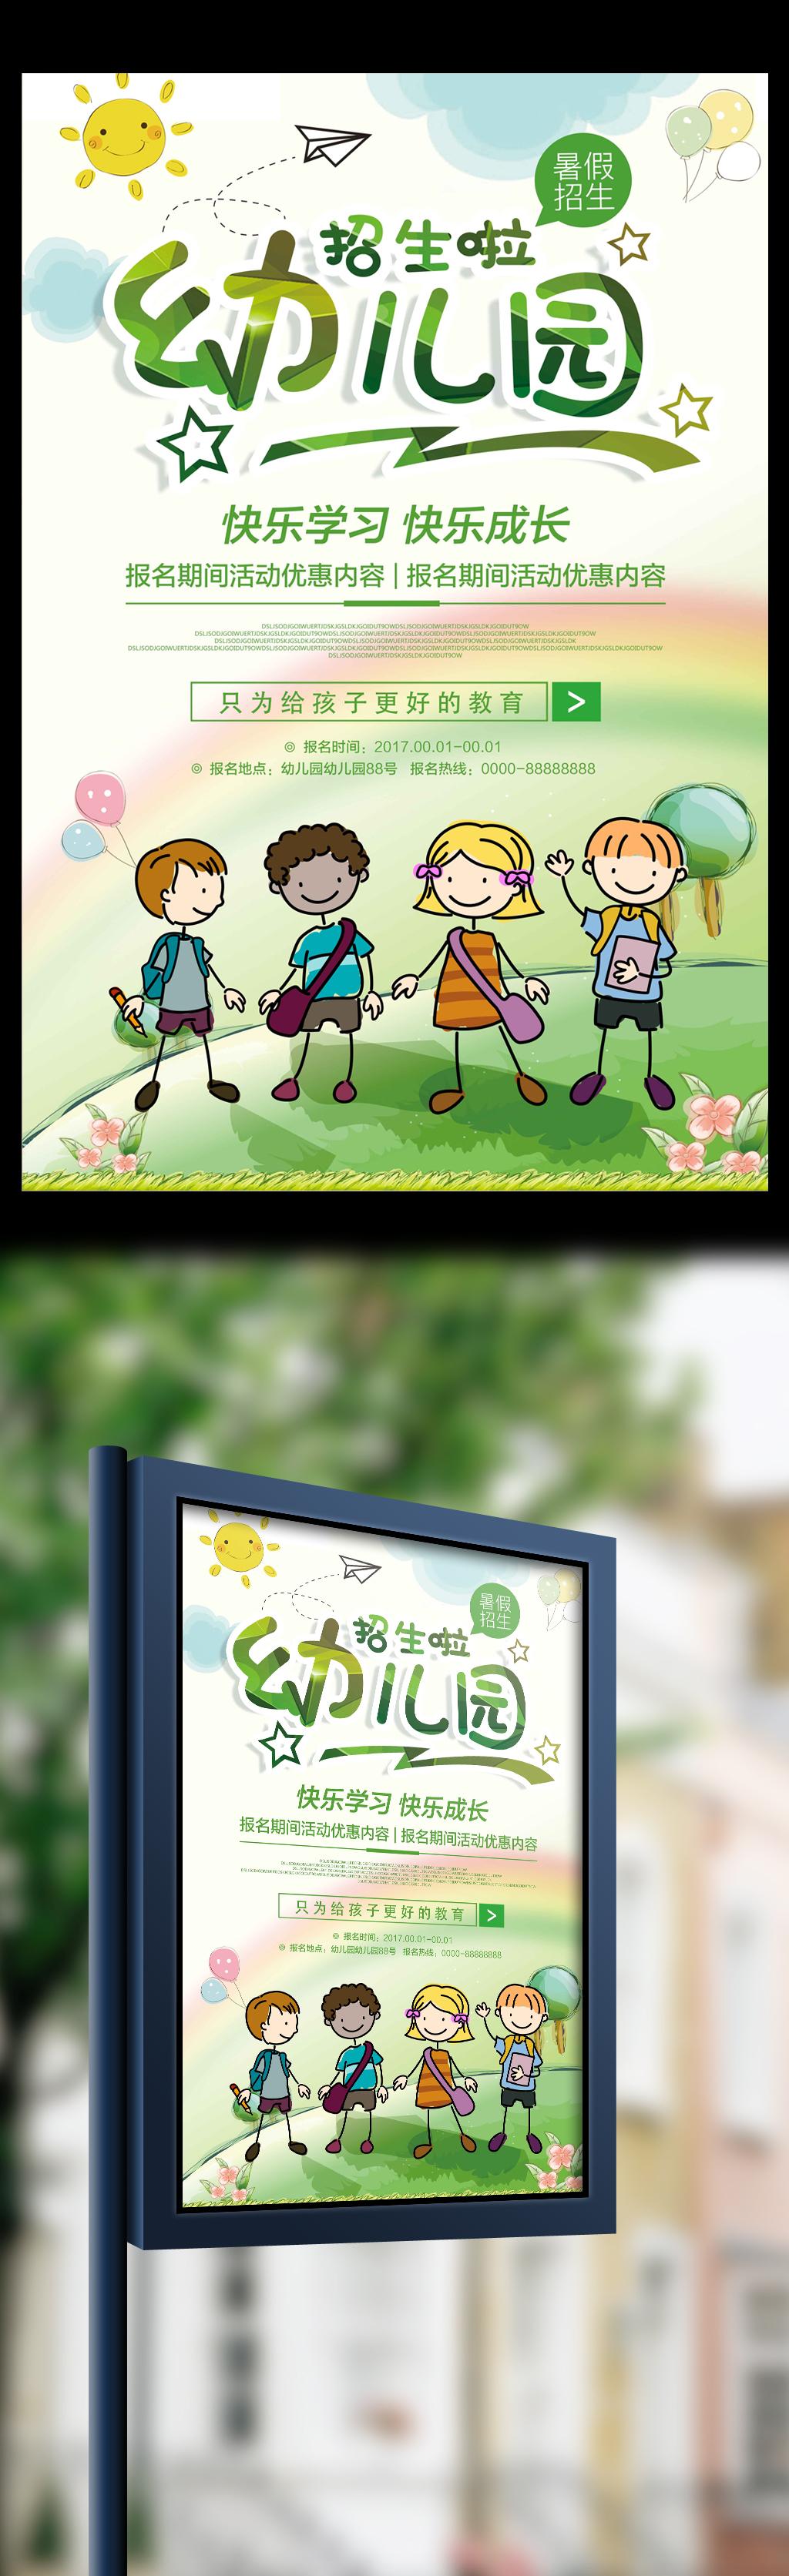 幼儿园开学幼儿园招生海报